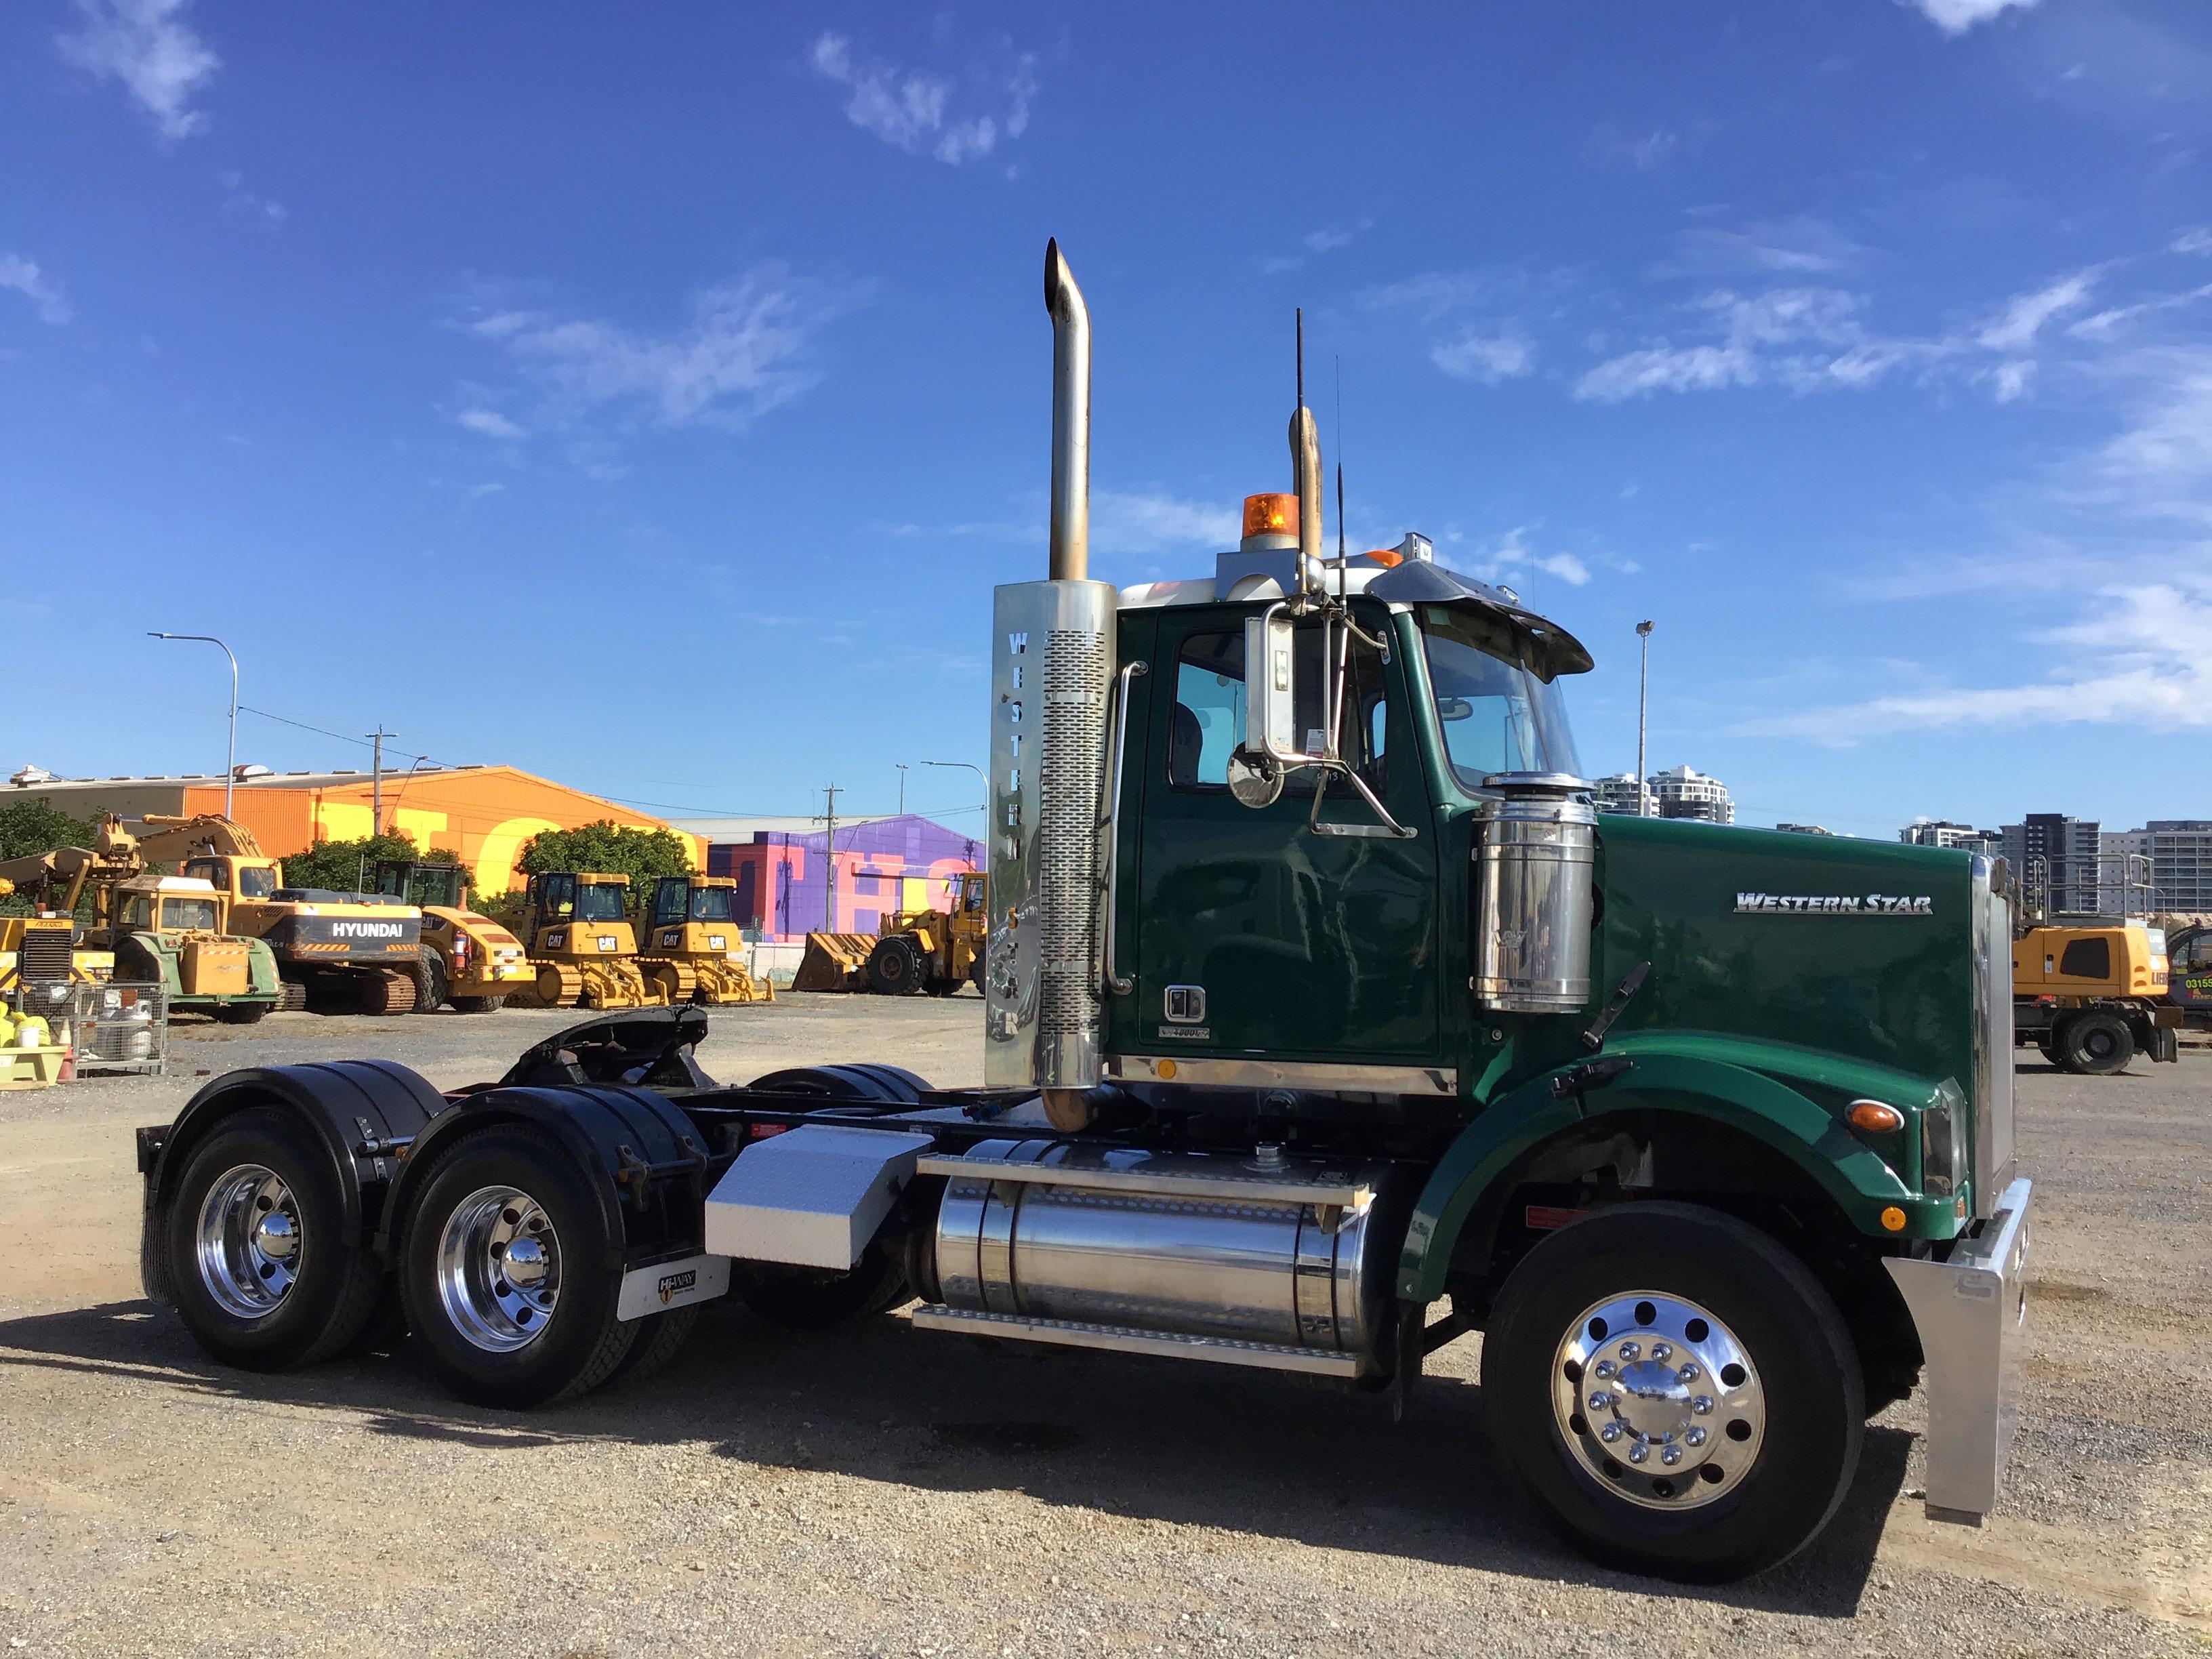 2013 Western Star 4800 FX Constellation (Ex Fleet) 6 x 4 Prime Mover Truck